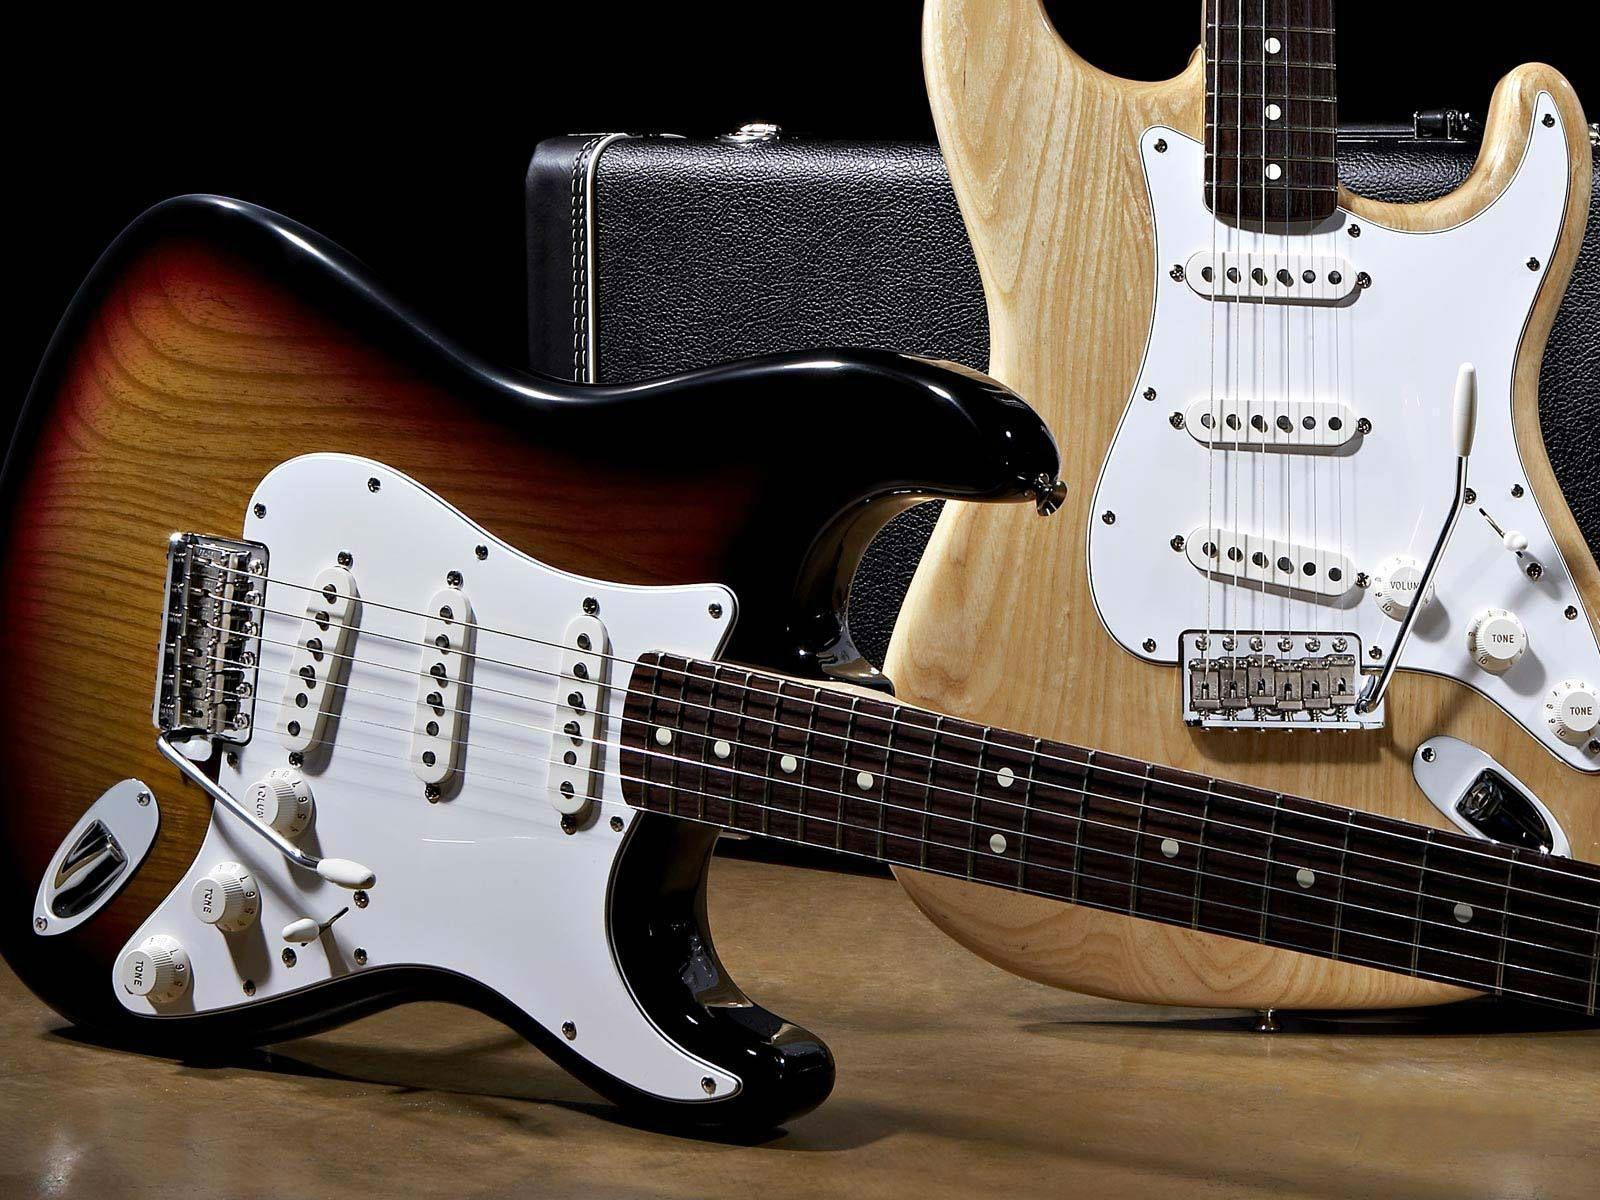 Wallpapers For > Fender Stratocaster Guitar Wallpaper